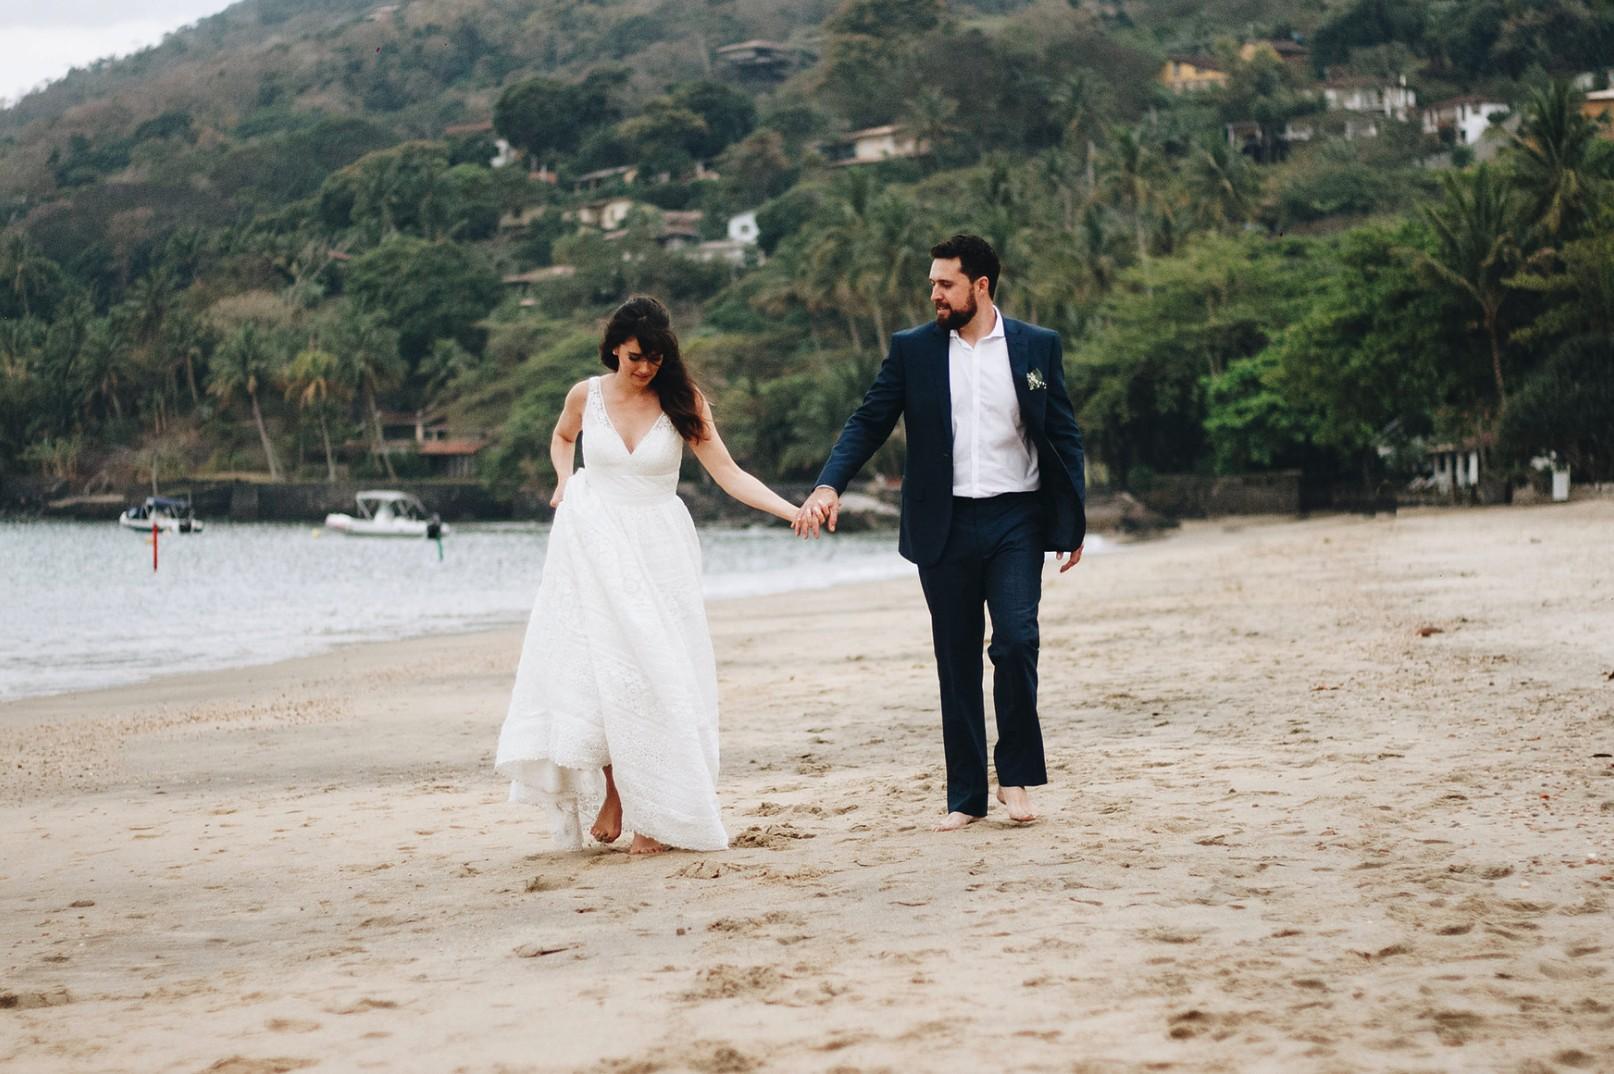 fotos dos noivos da praia após a cerimônia do casamento